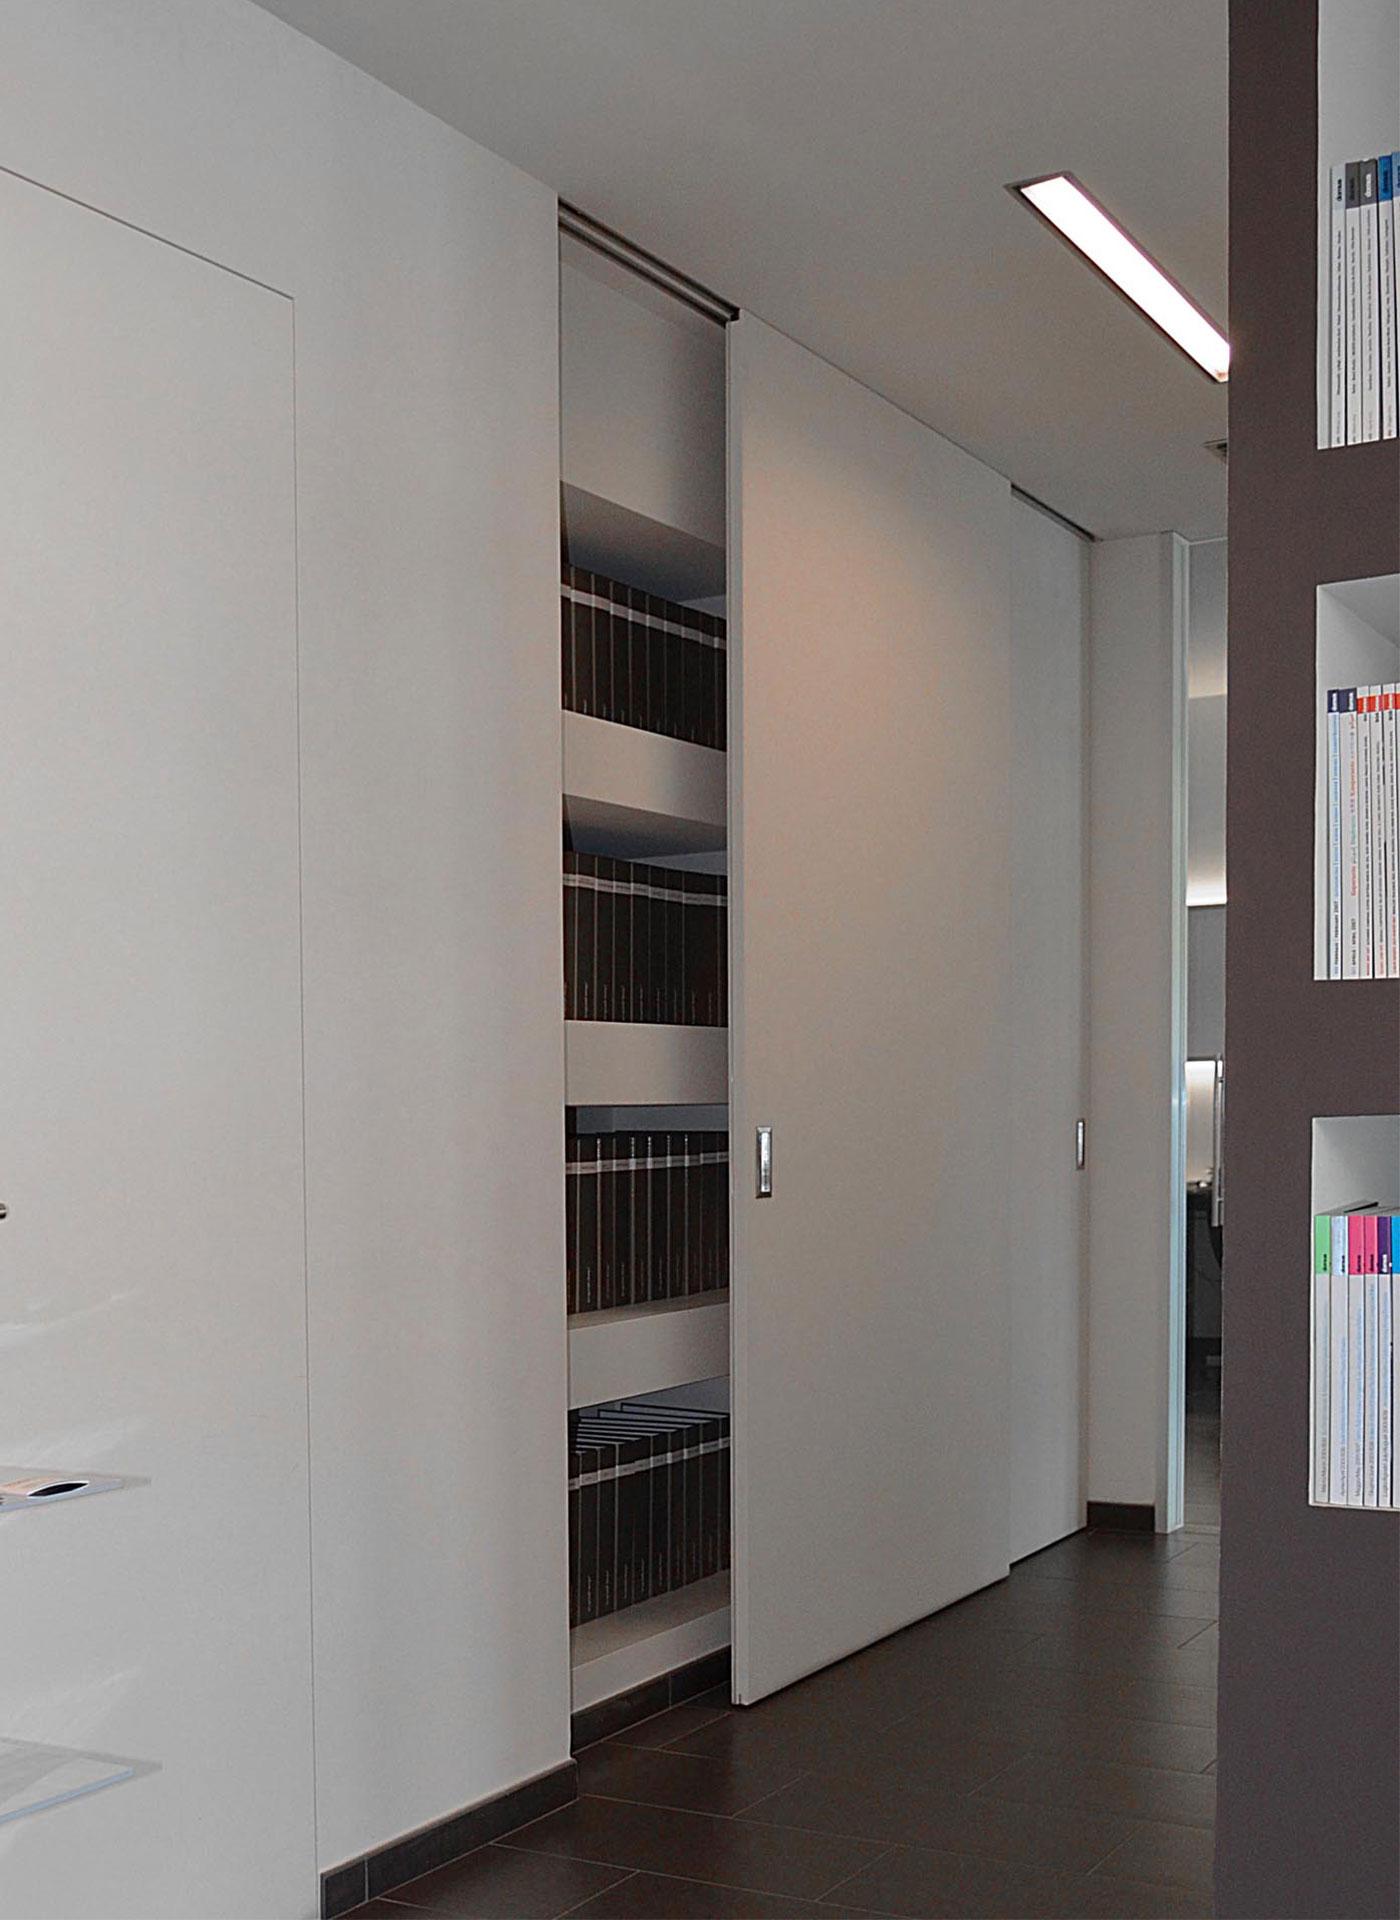 Armadio A Muro Design ante scorrevoli con binario incassato - evoline3